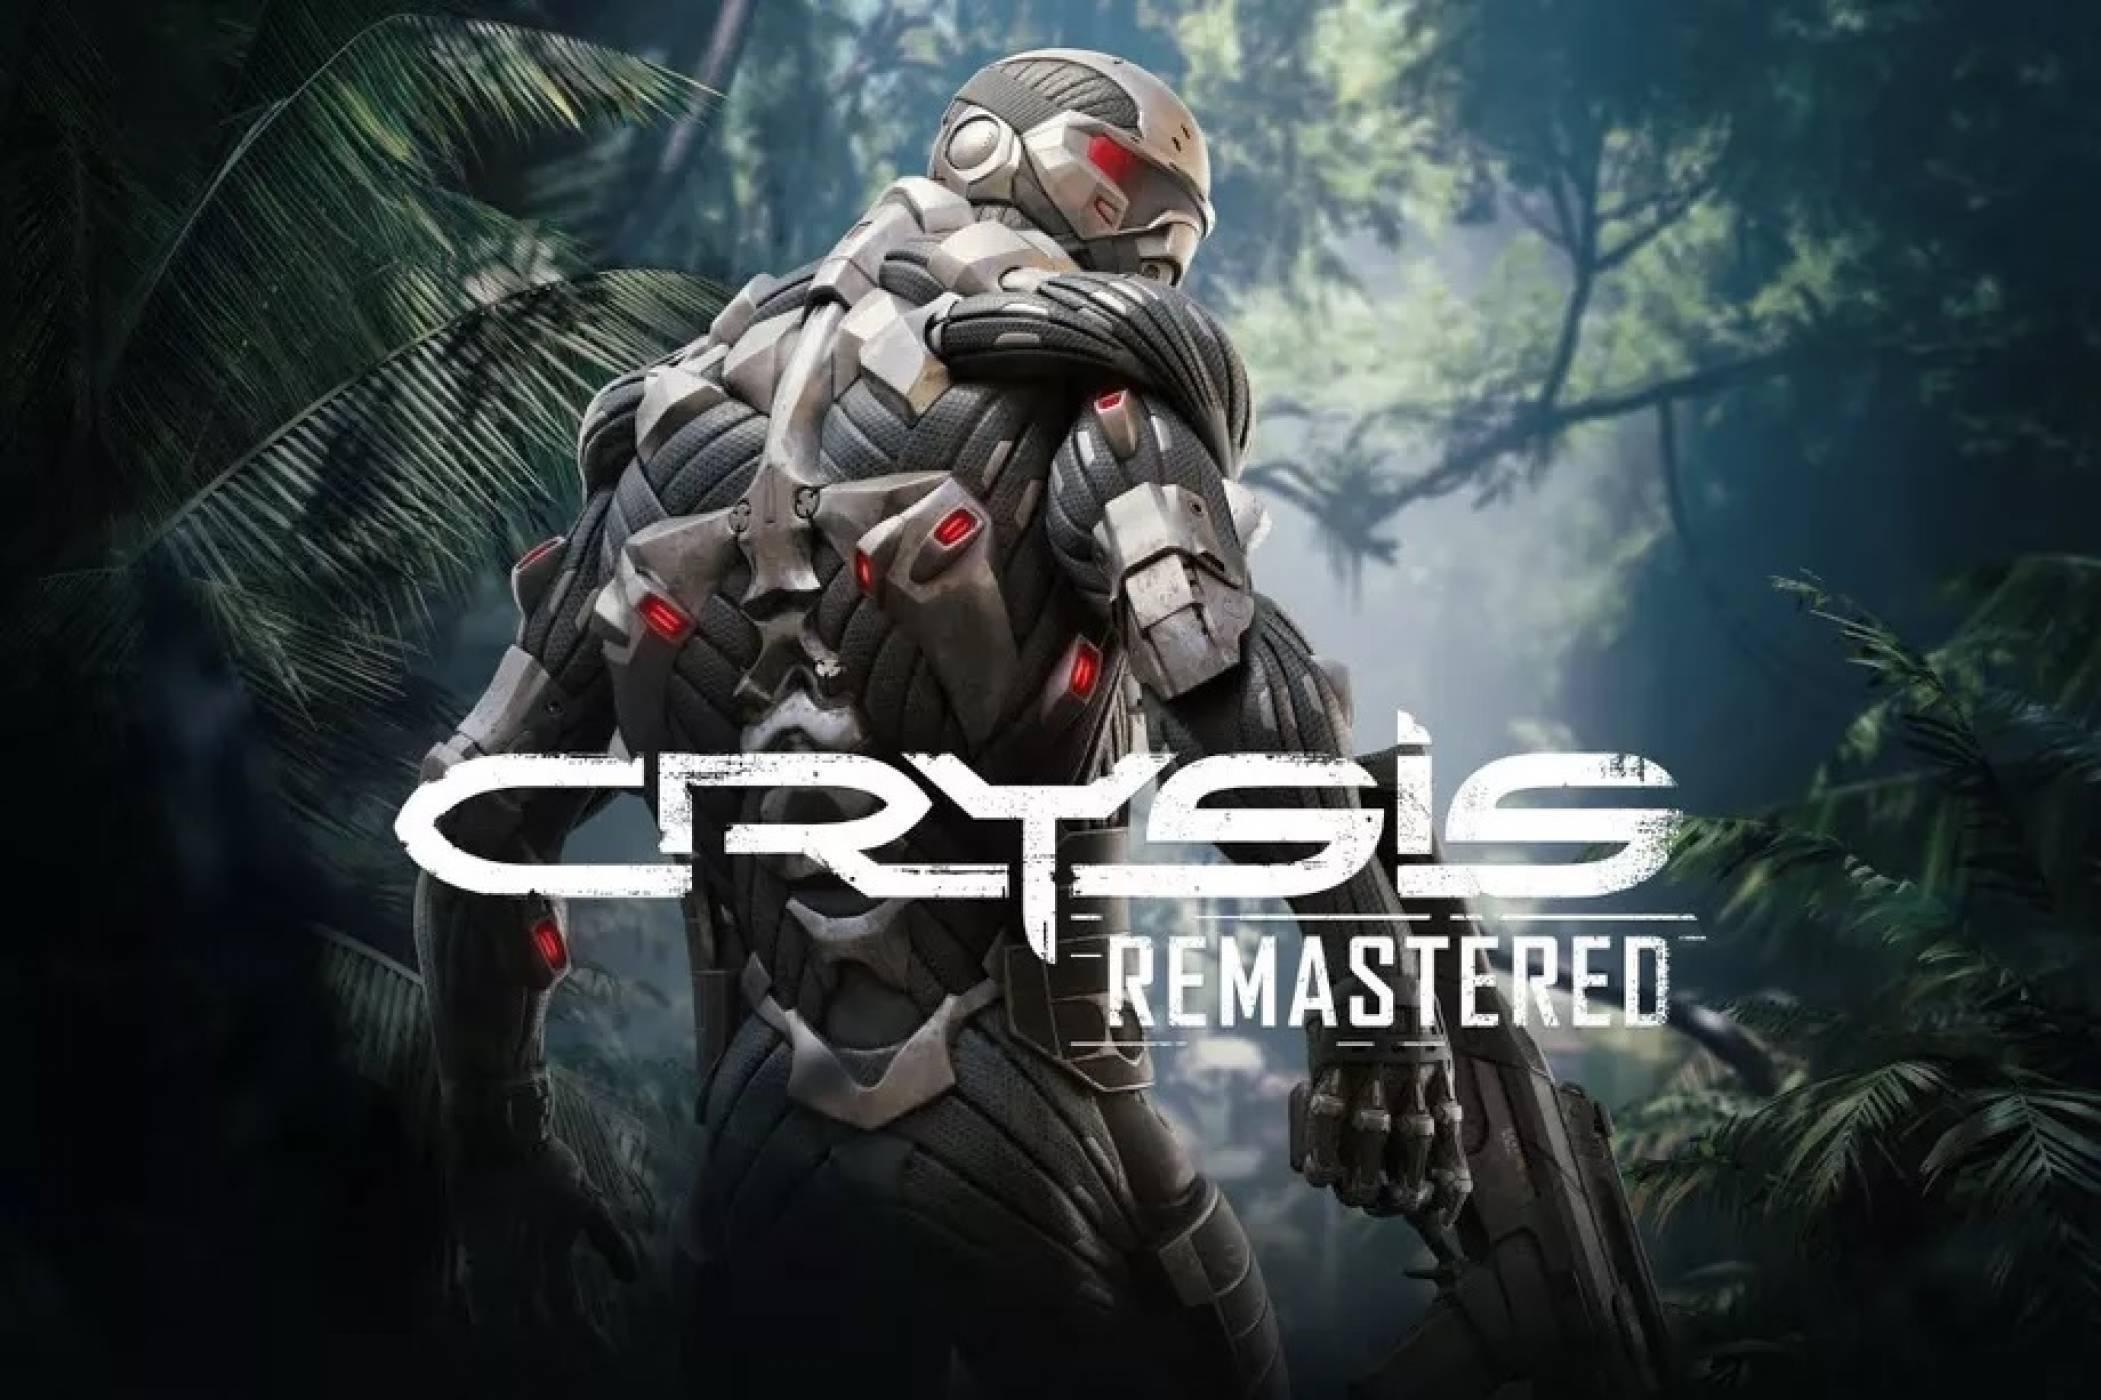 13 години по-късно, ремастърът на Crysis изглежда по-зле от оригинала